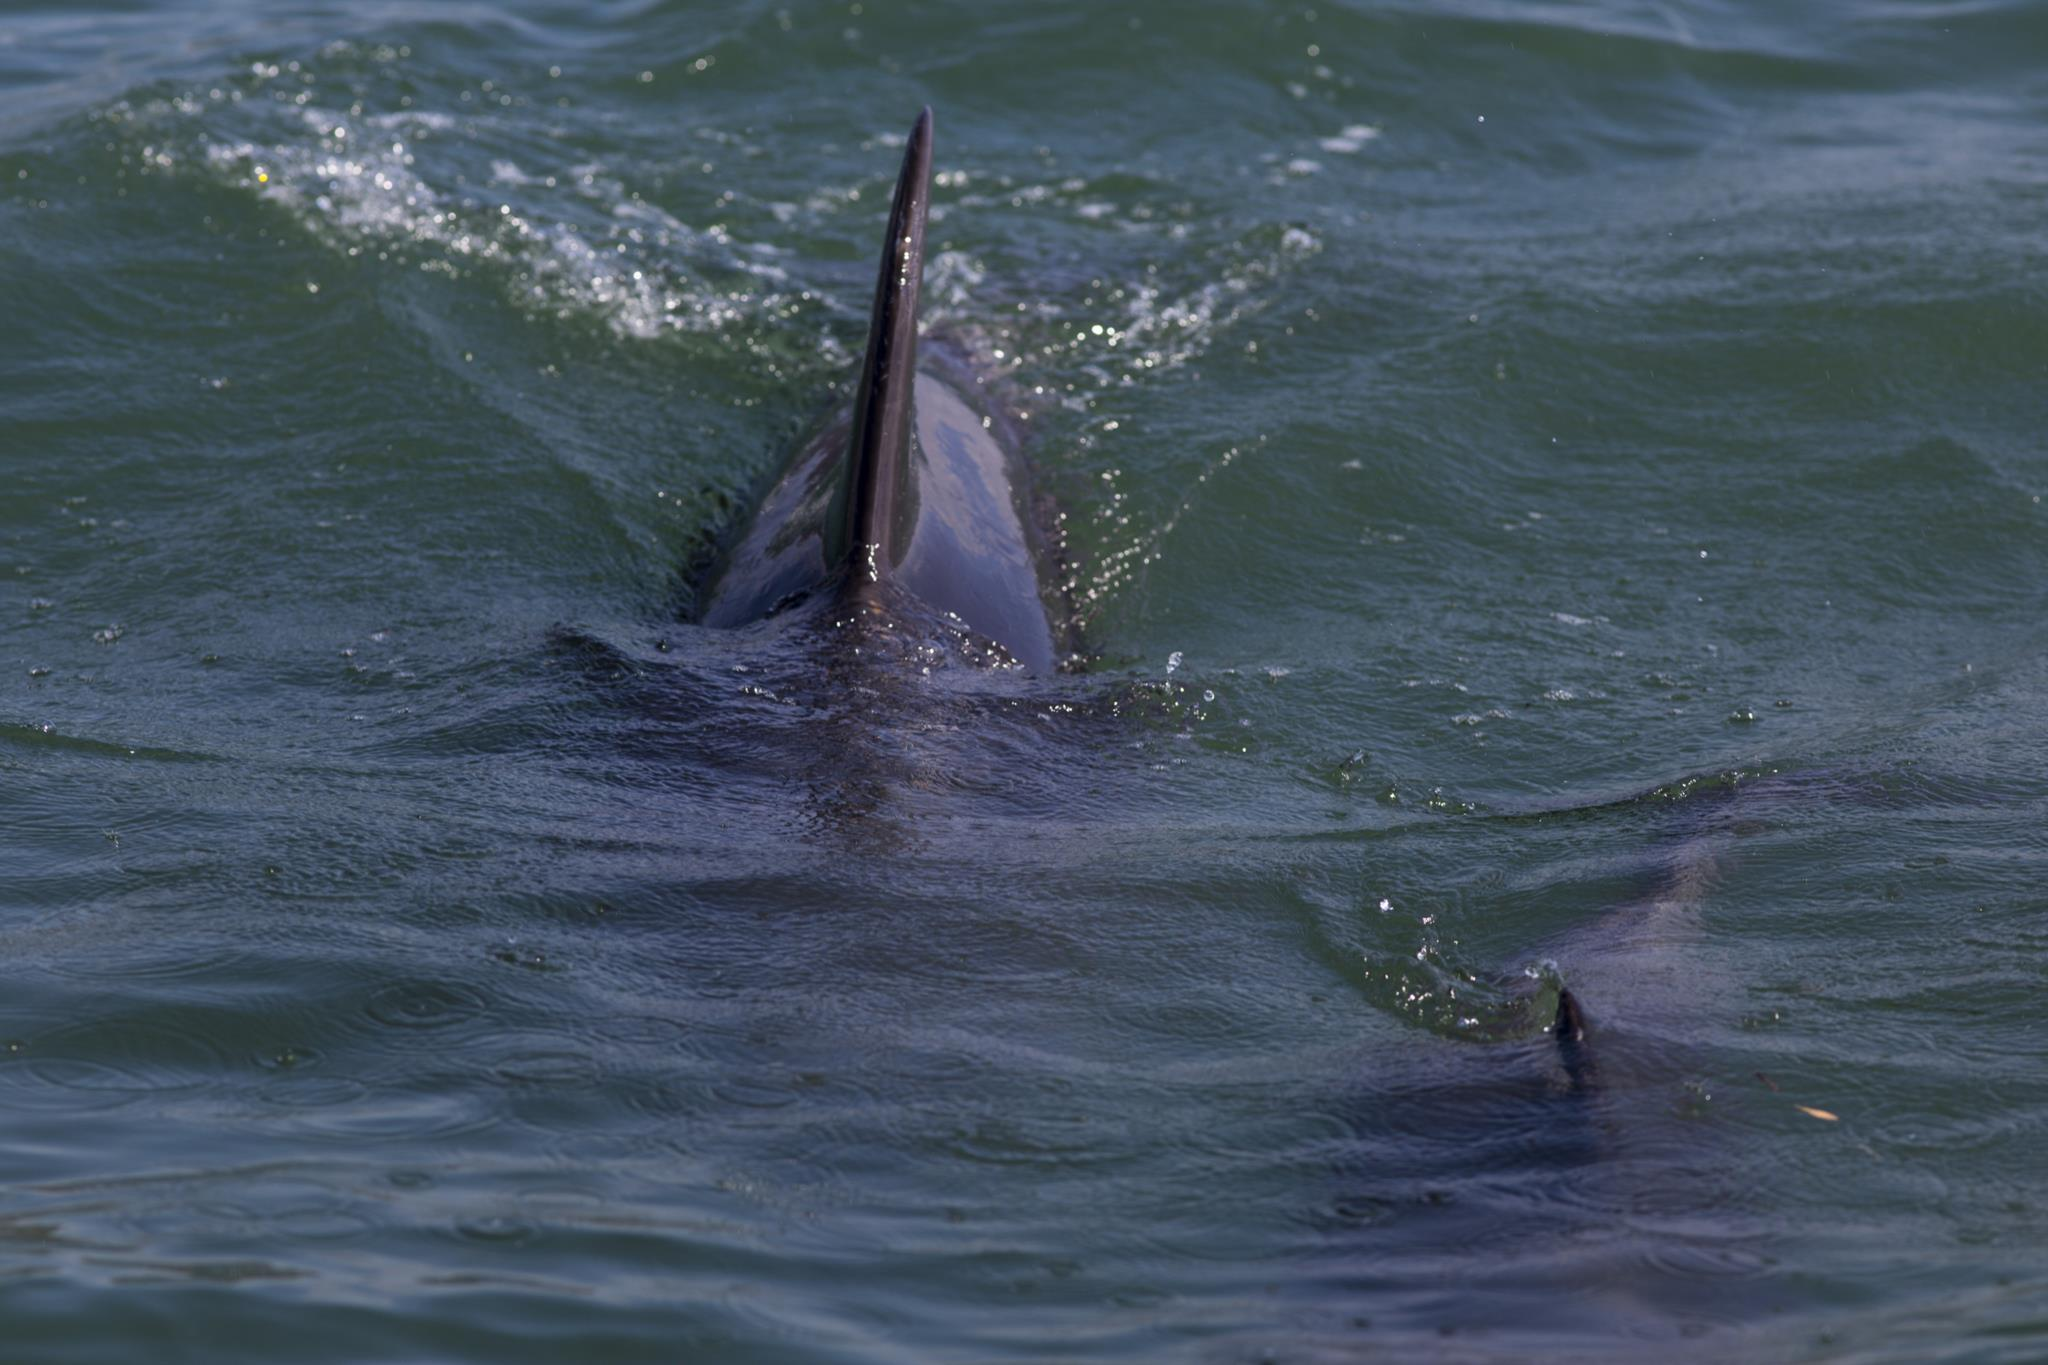 PÚBLICO - Cinco golfinhos deram à costa sem vida em Vila do Conde e Póvoa de Varzim